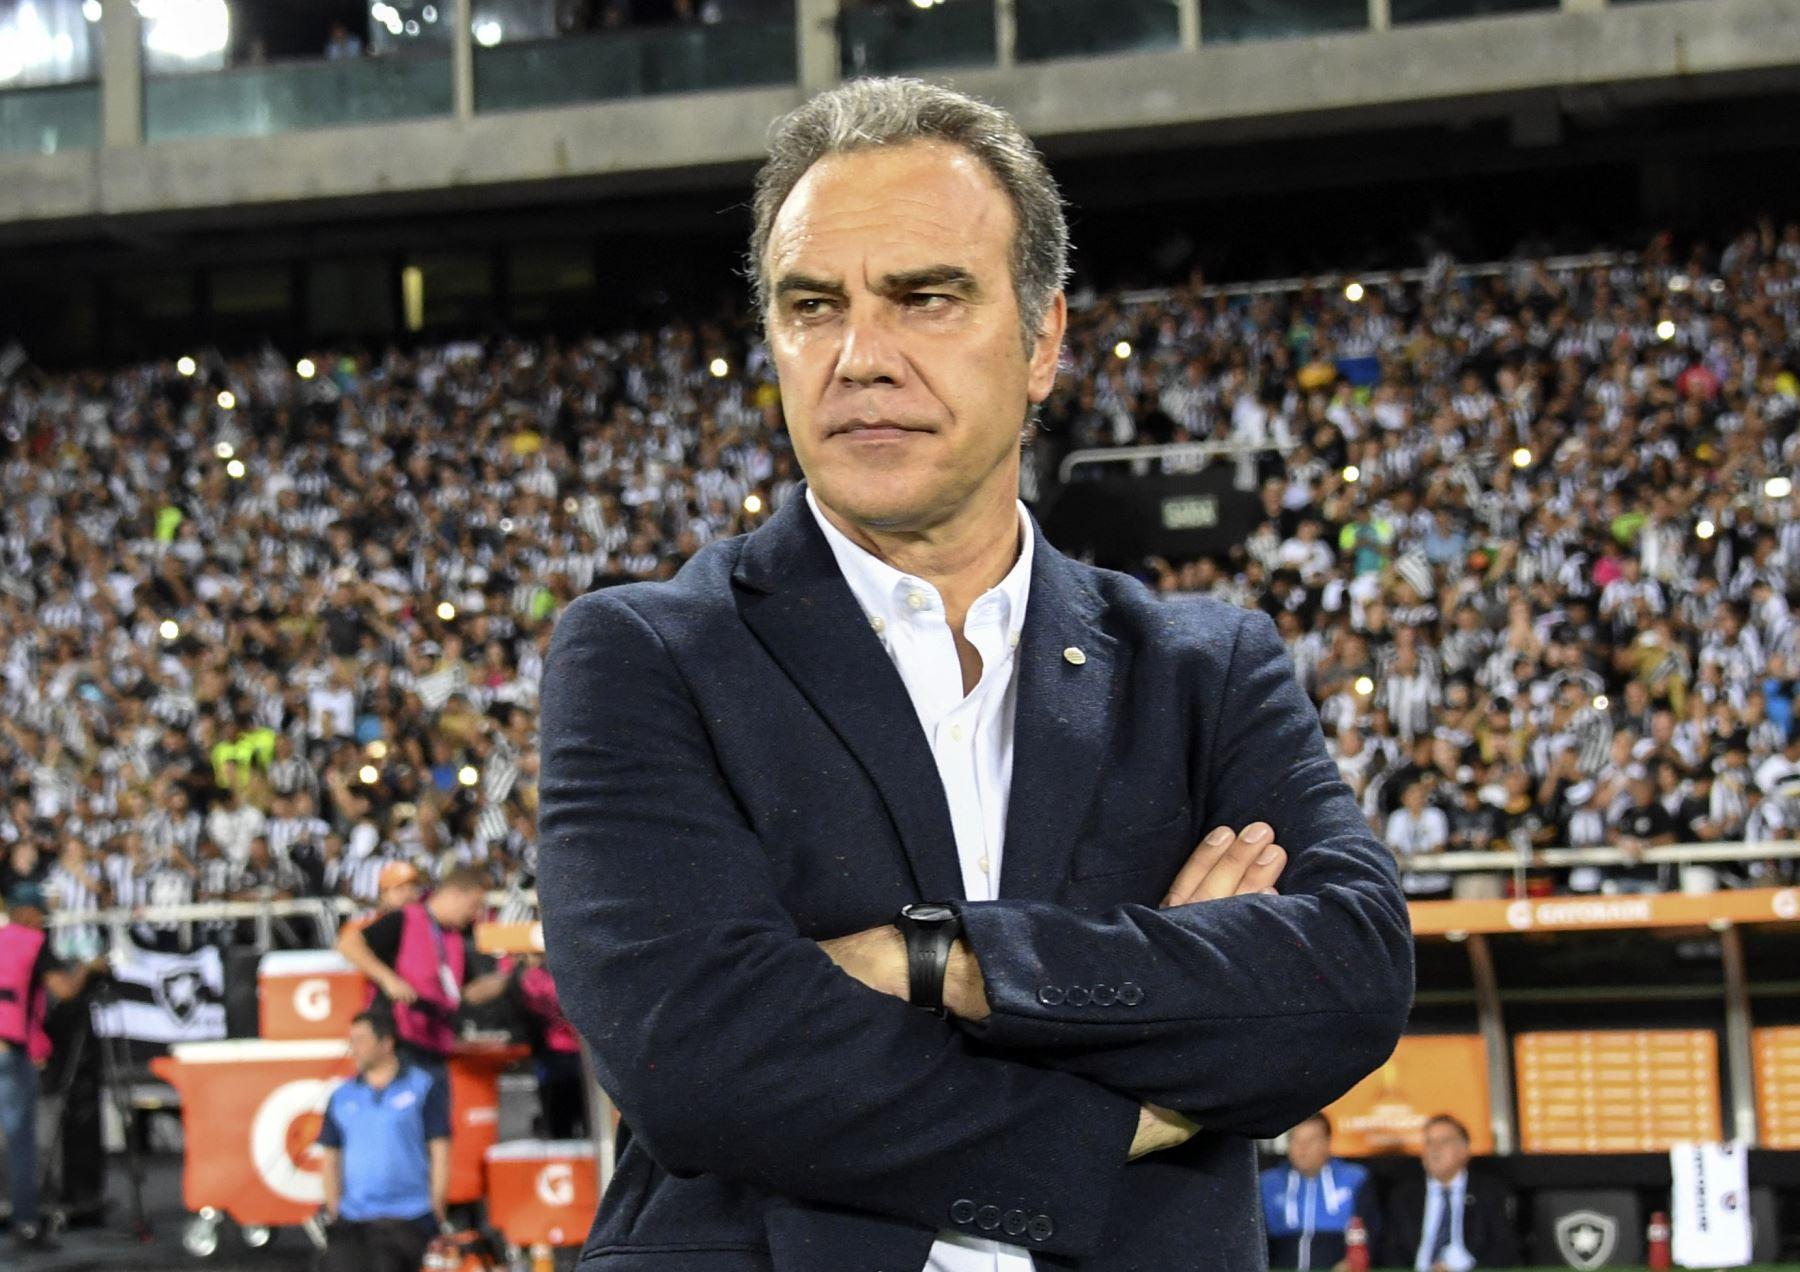 El uruguayo de 59 años tiene vasta experiencia en el fútbol chileno ya que entrenó a la Universidad de Chile y a la Universidad Católica entre 2012 y 2015. Foto: AFP